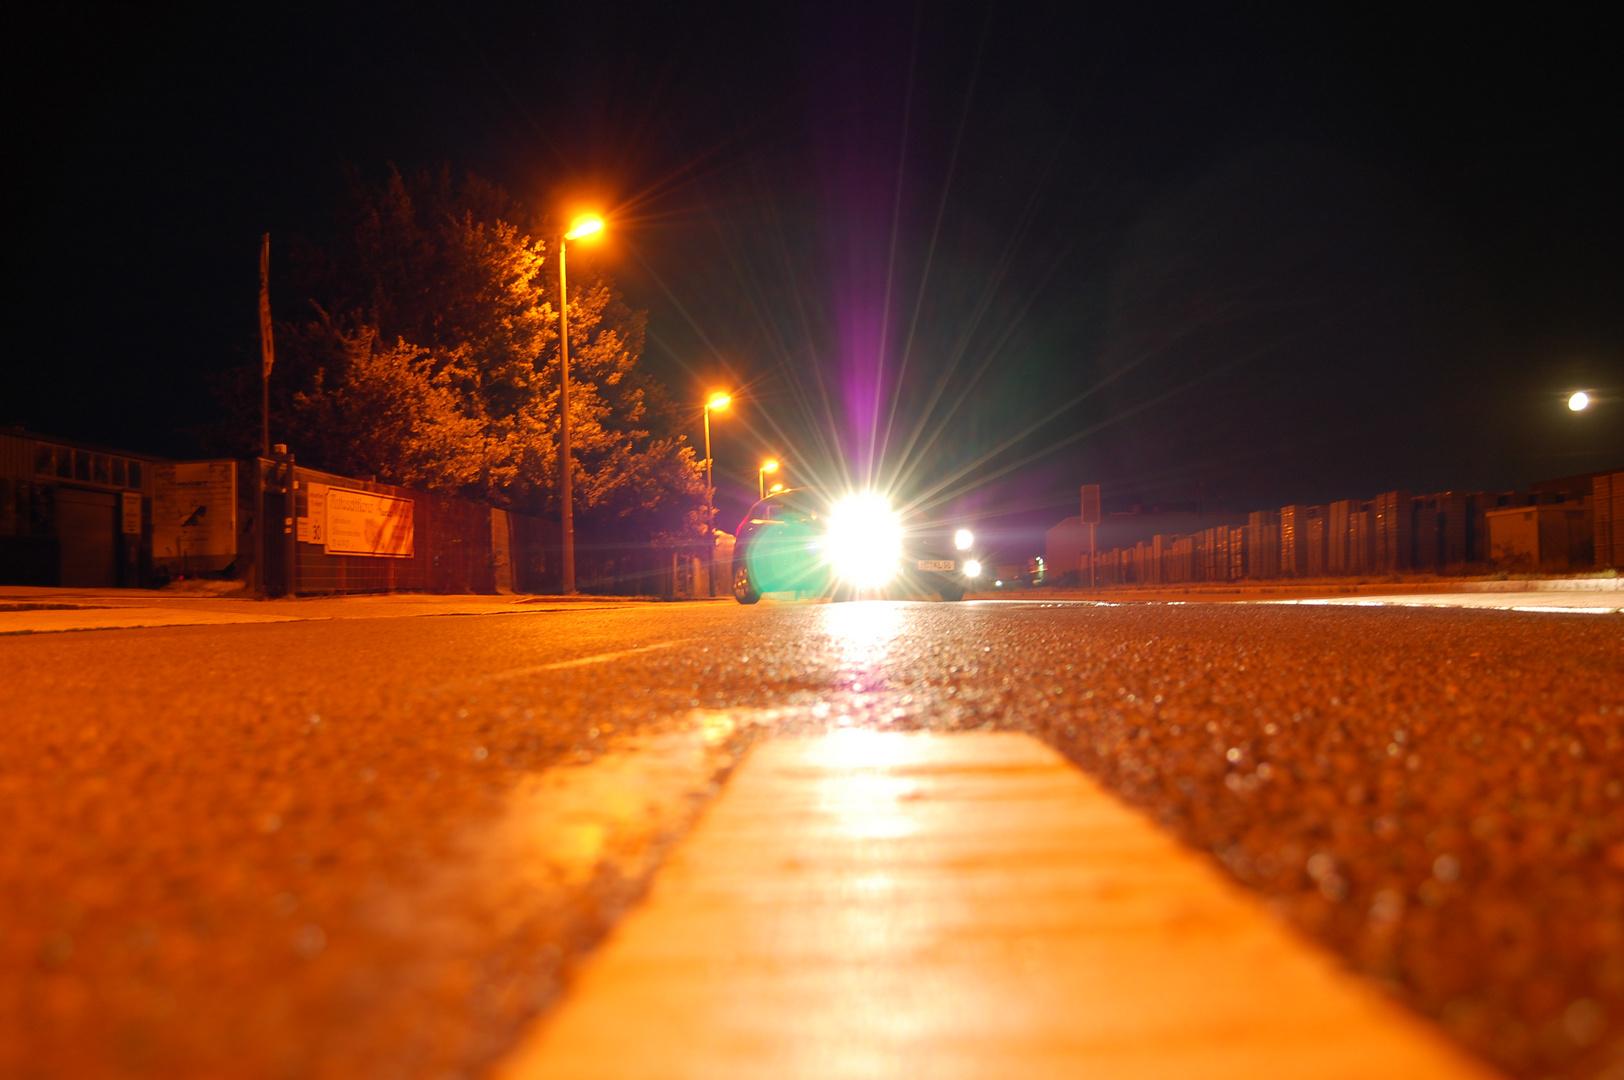 Fiesta bei Nacht